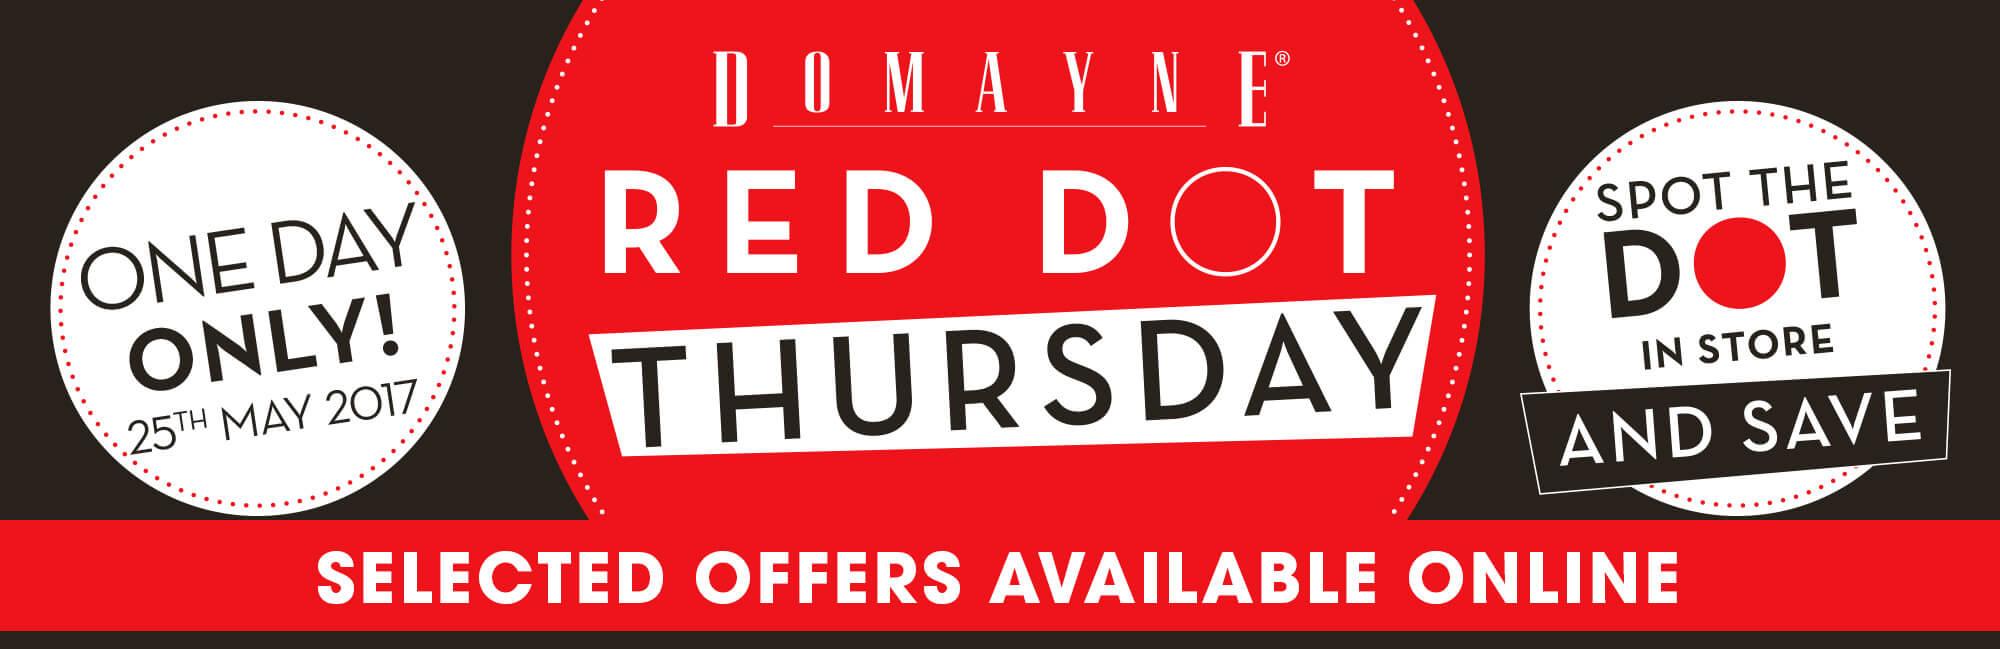 Red Dot Thursday